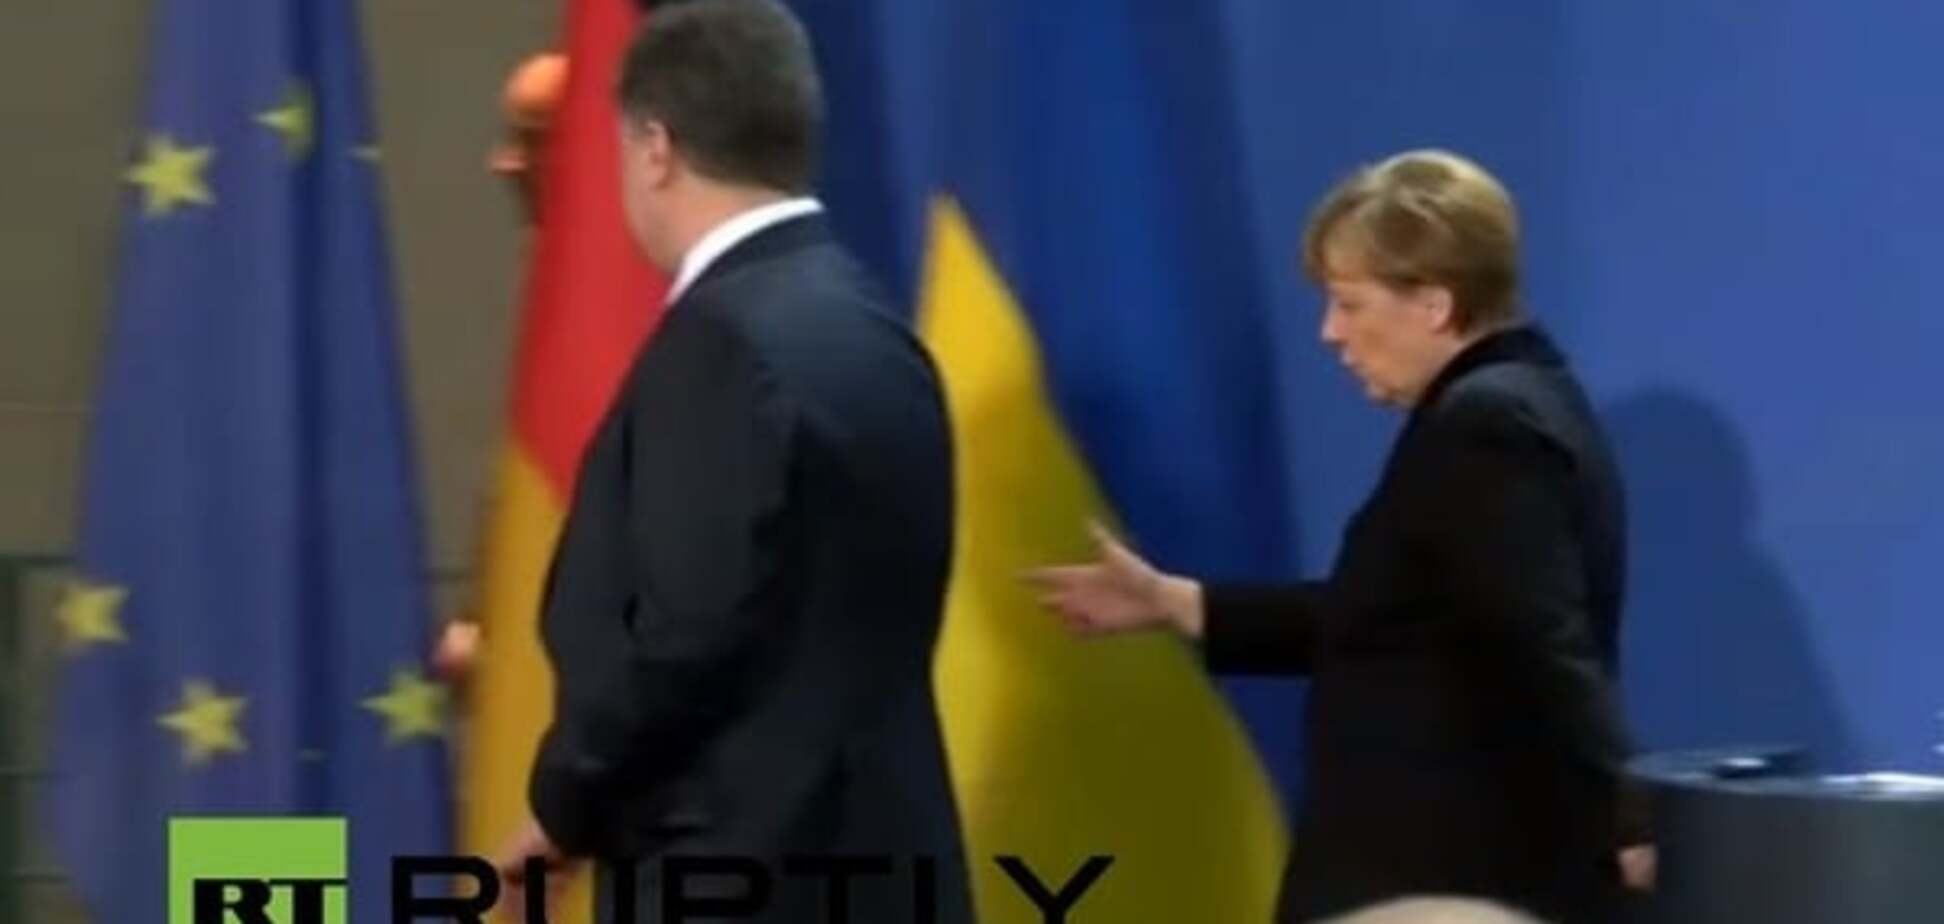 Появилось видео, как Меркель догоняла Порошенко в Берлине